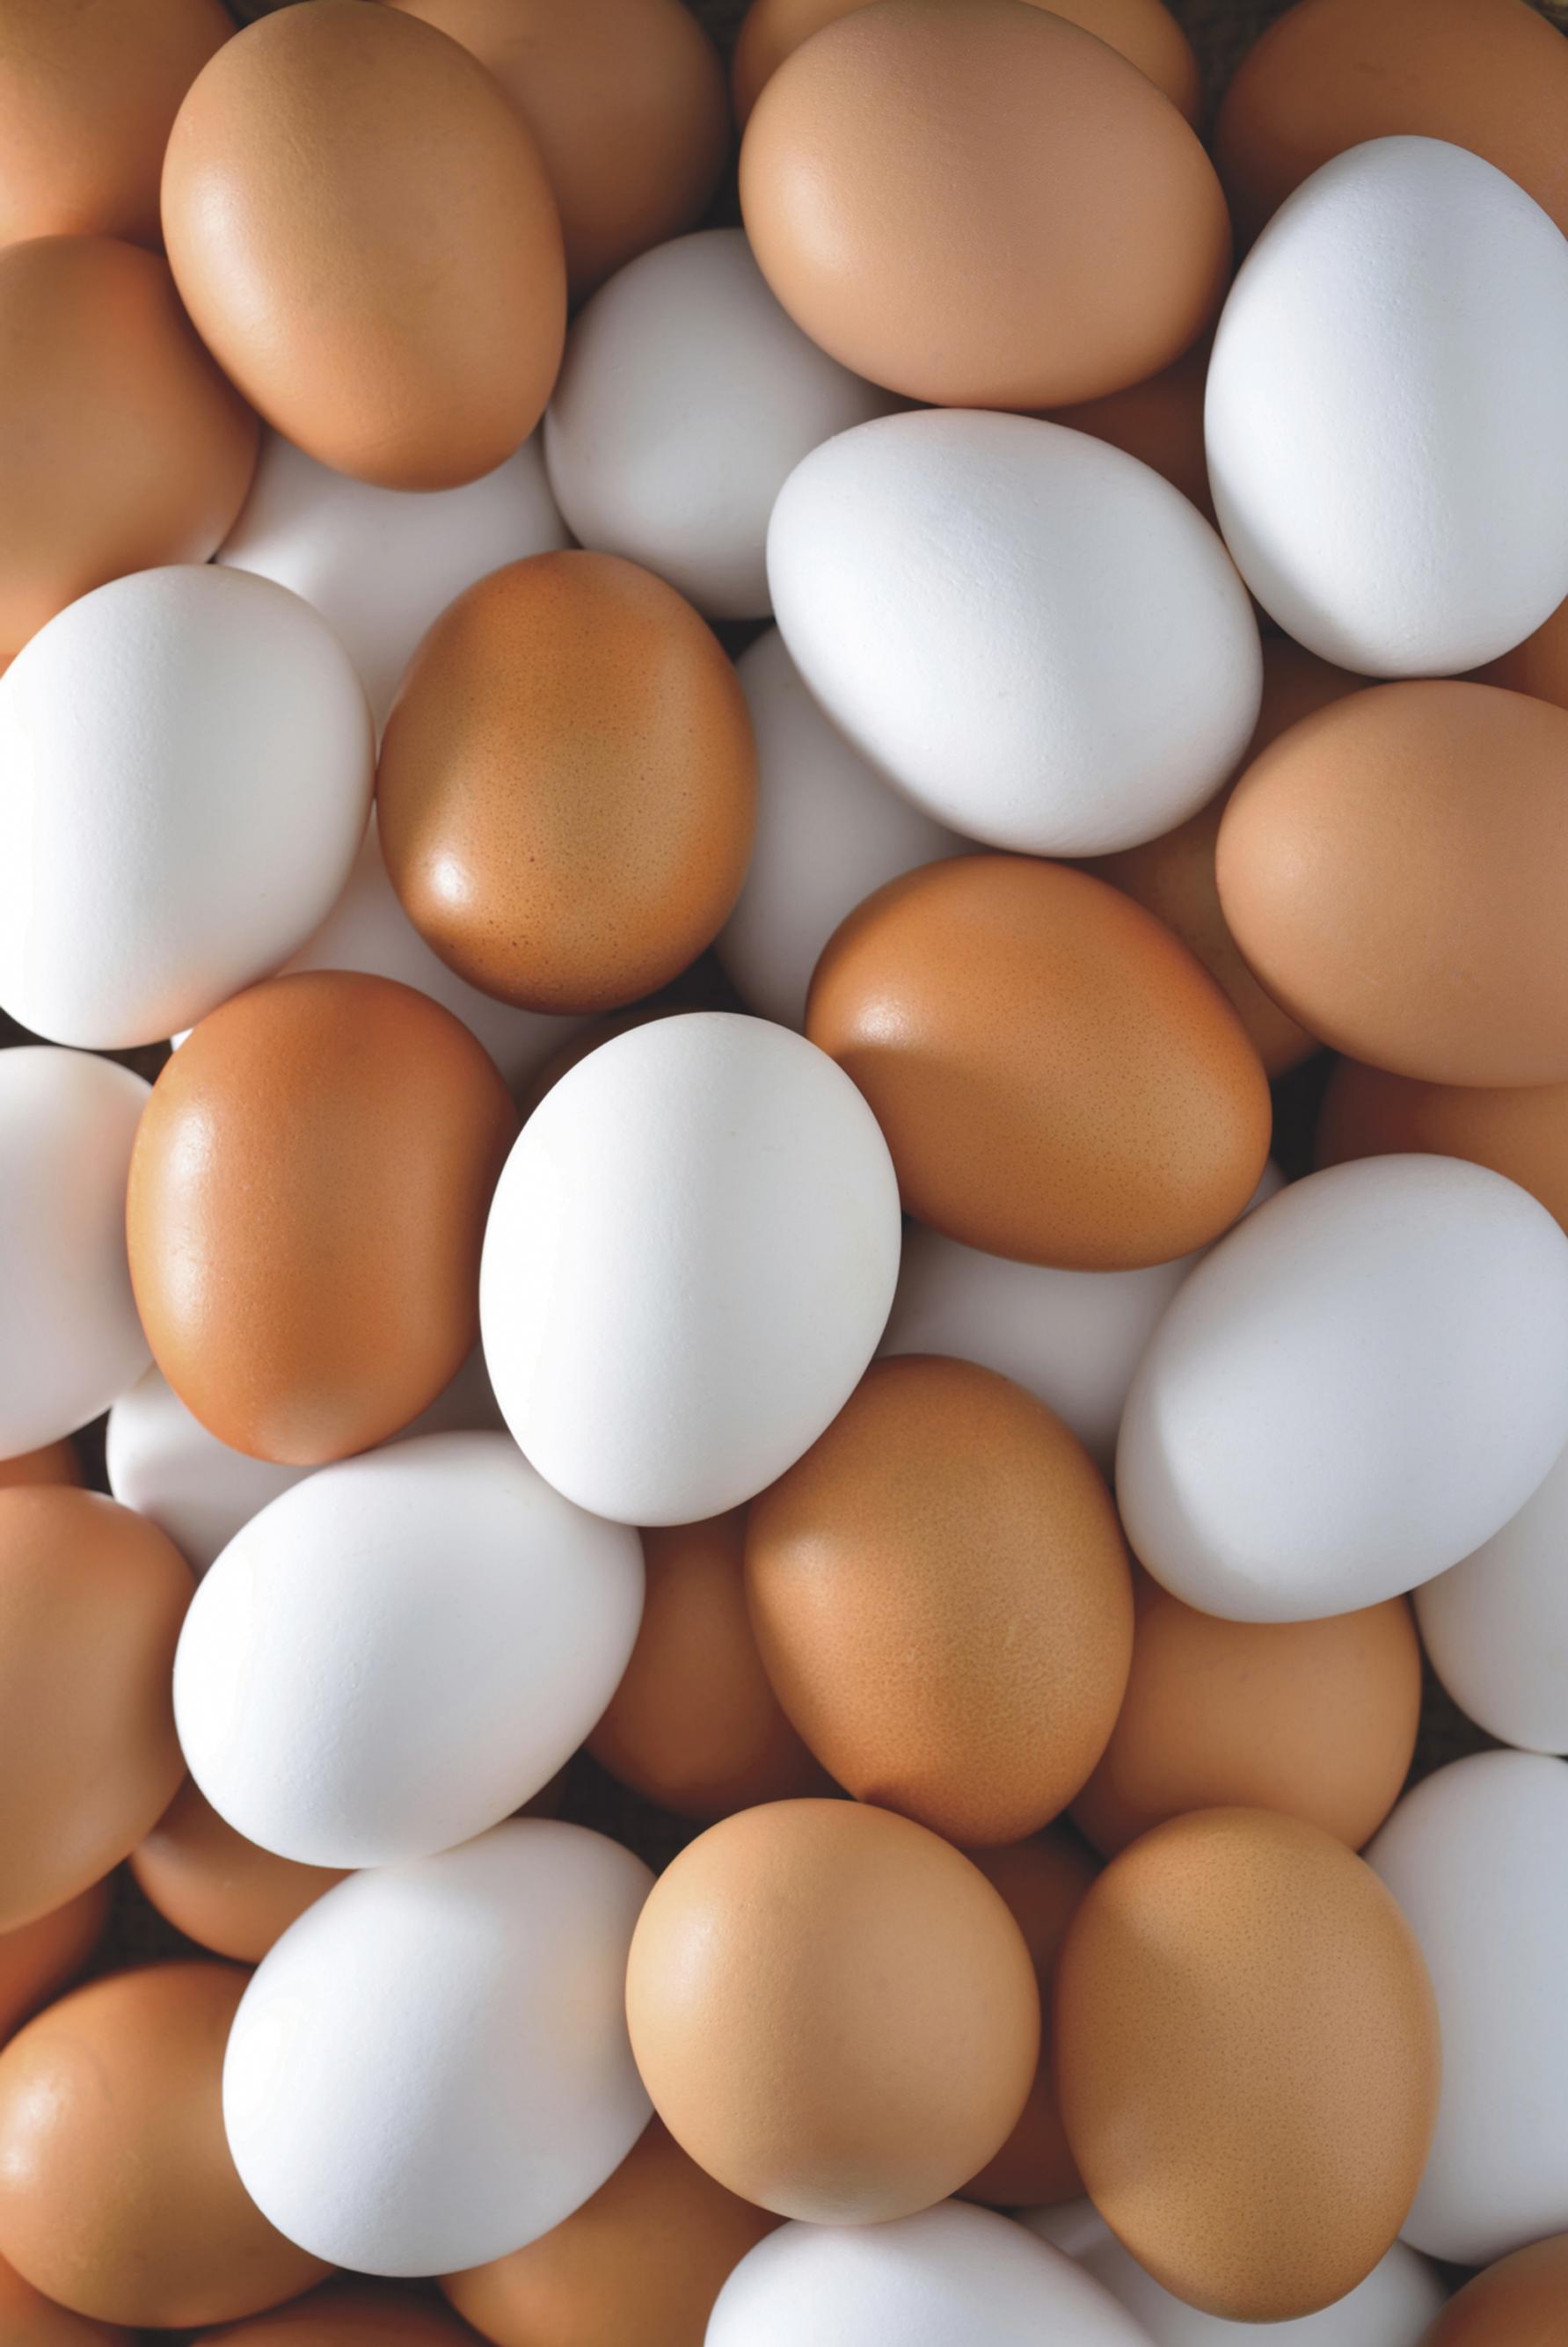 UCPR: Preturi inexplicabil de mici la ouale provenite din Polonia